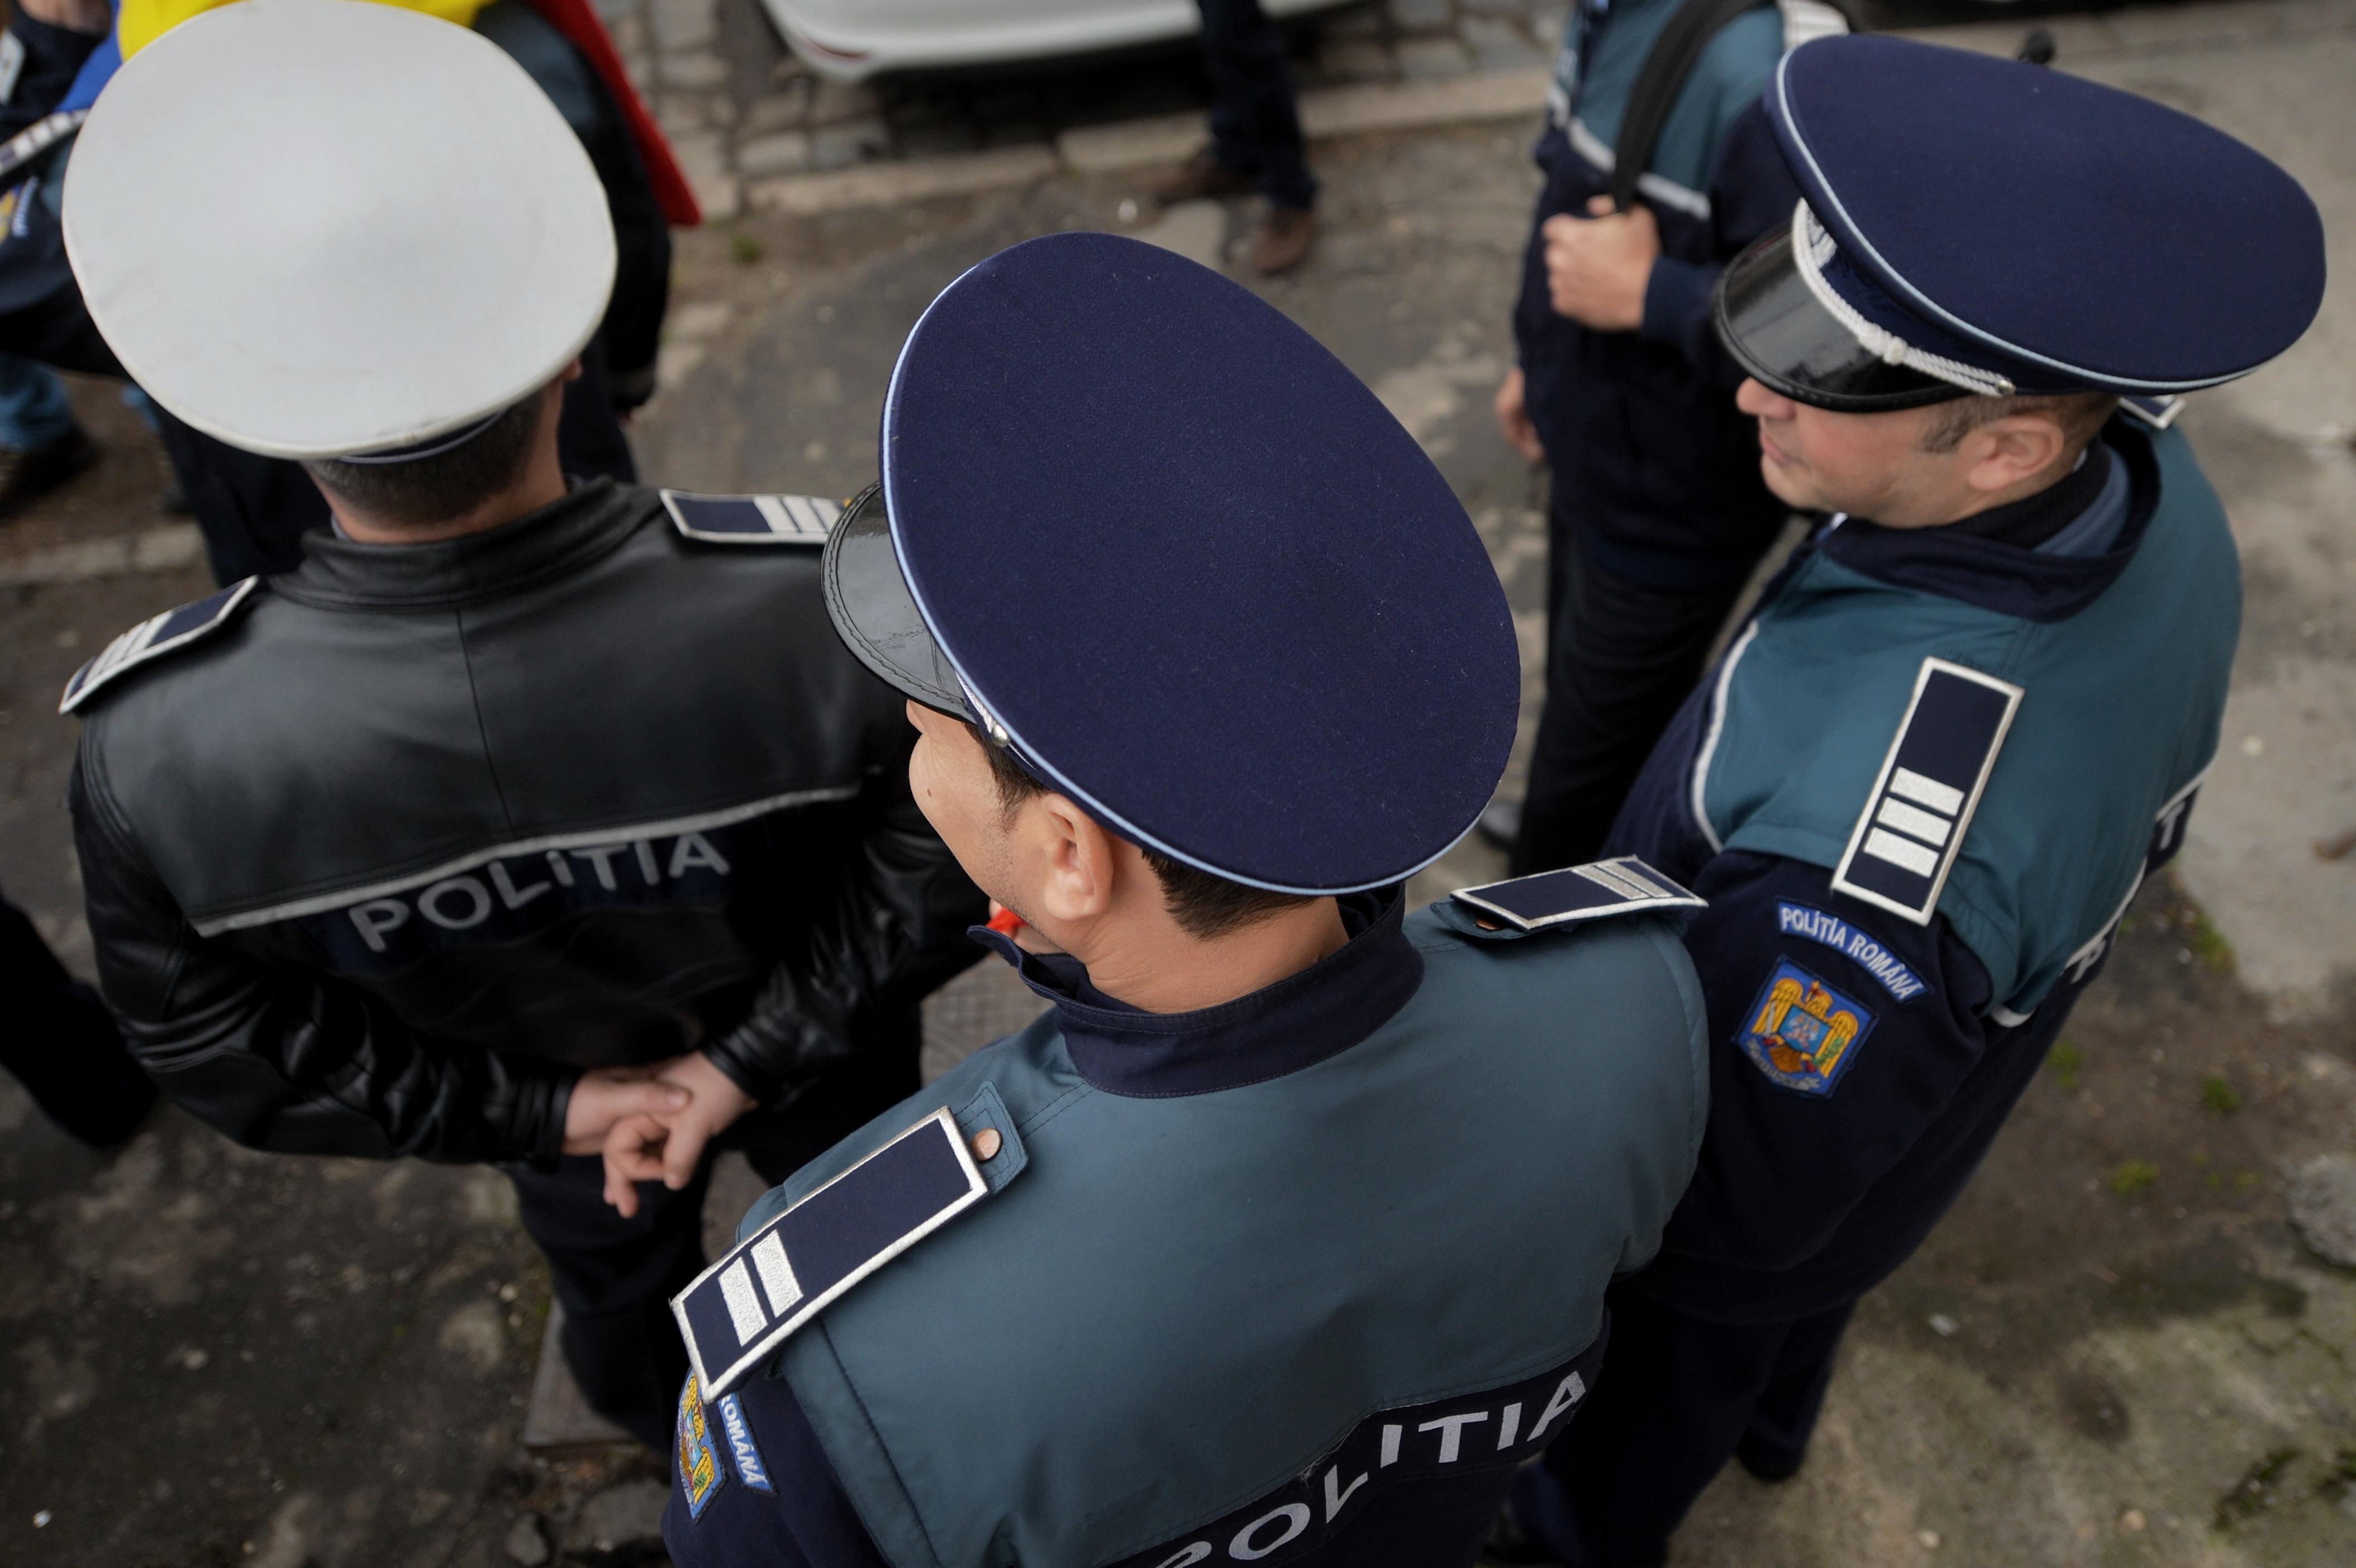 Veste anticuţit şi antiglonţ pentru poliţiştii din stradă